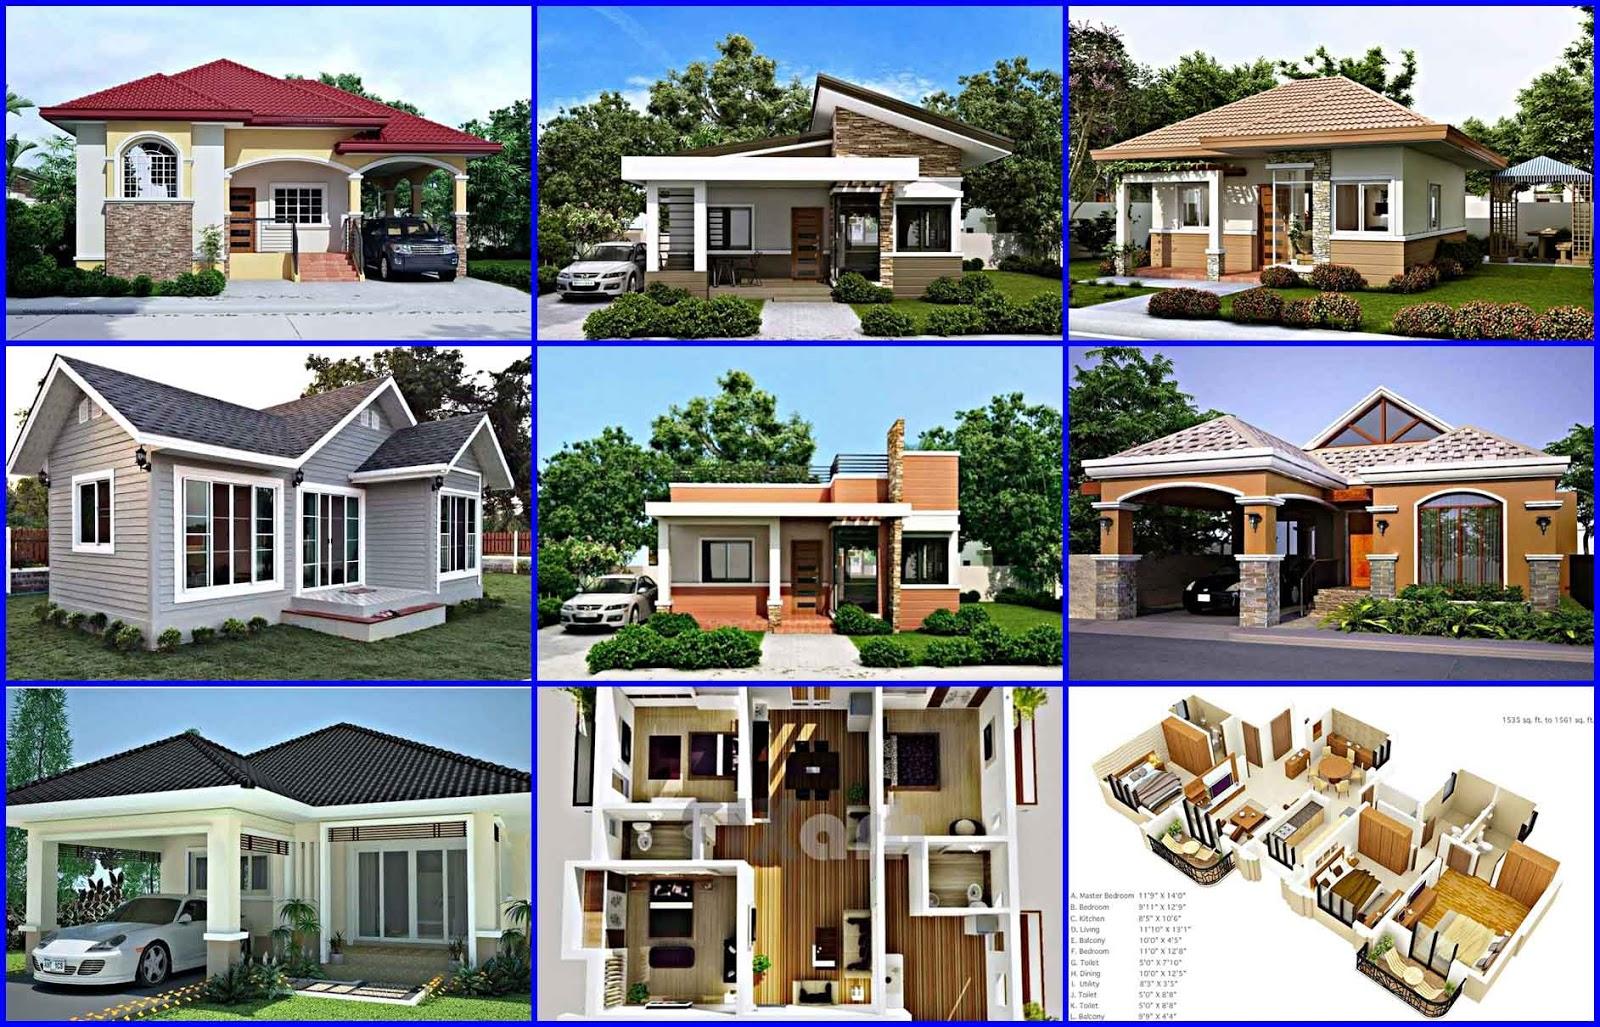 6400 Gambar Contoh Rumah Type 45 HD